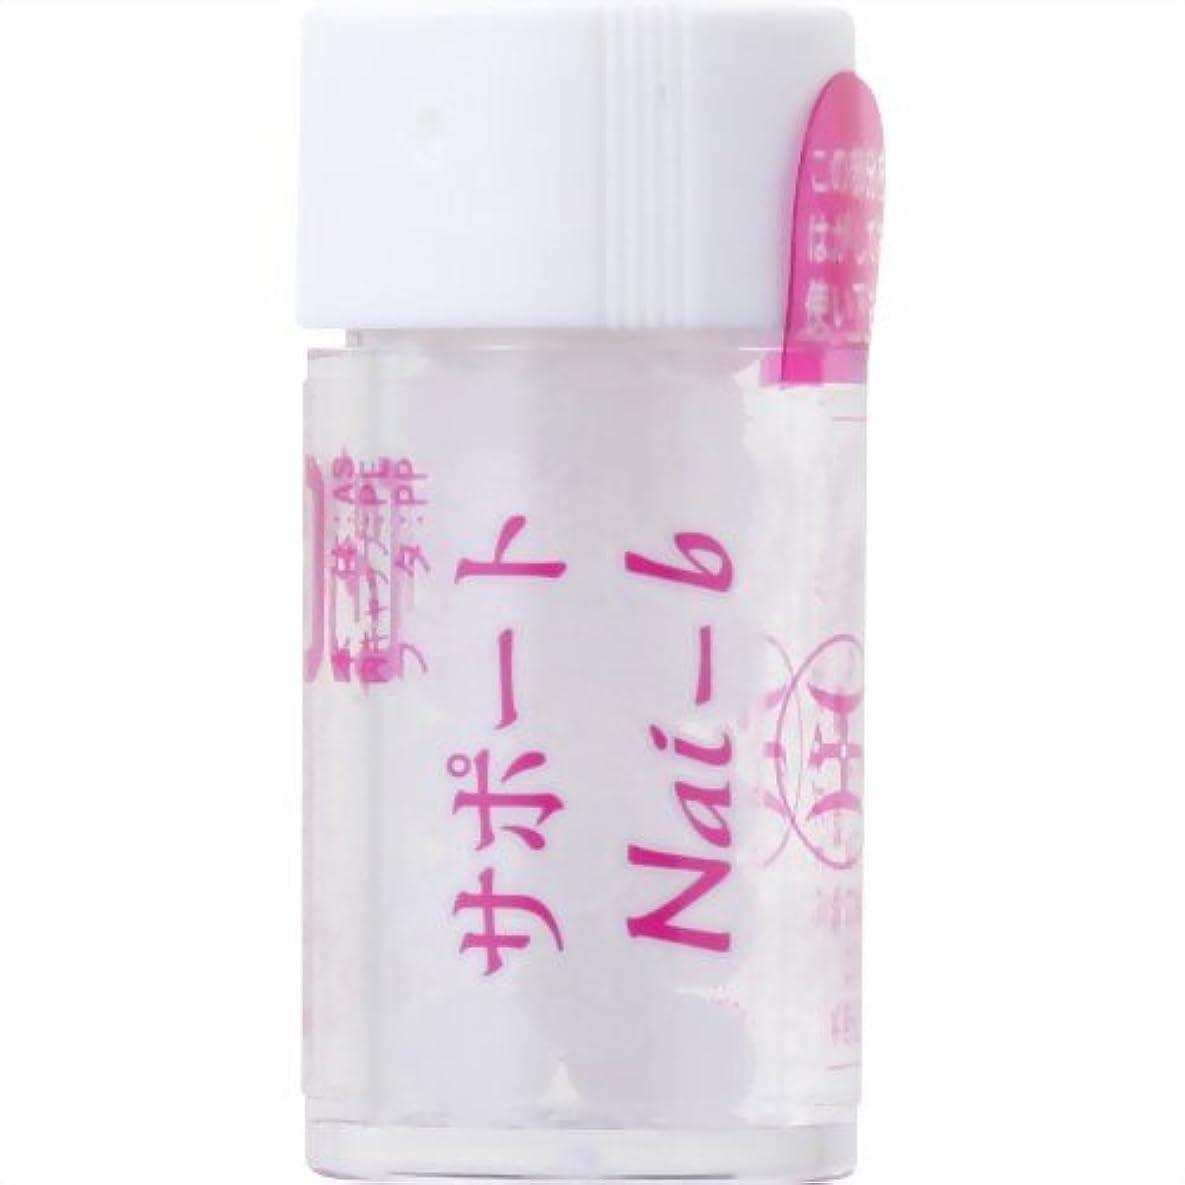 残りミルシートホメオパシージャパンレメディー サポートNai-b(小ビン)